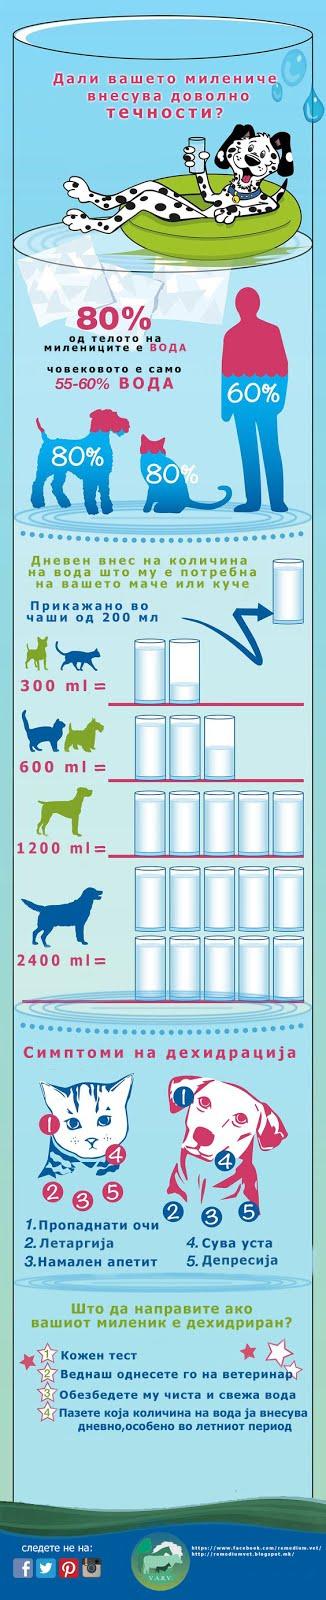 Дали вашиот миленик внесува доволно течности? постер презентација.